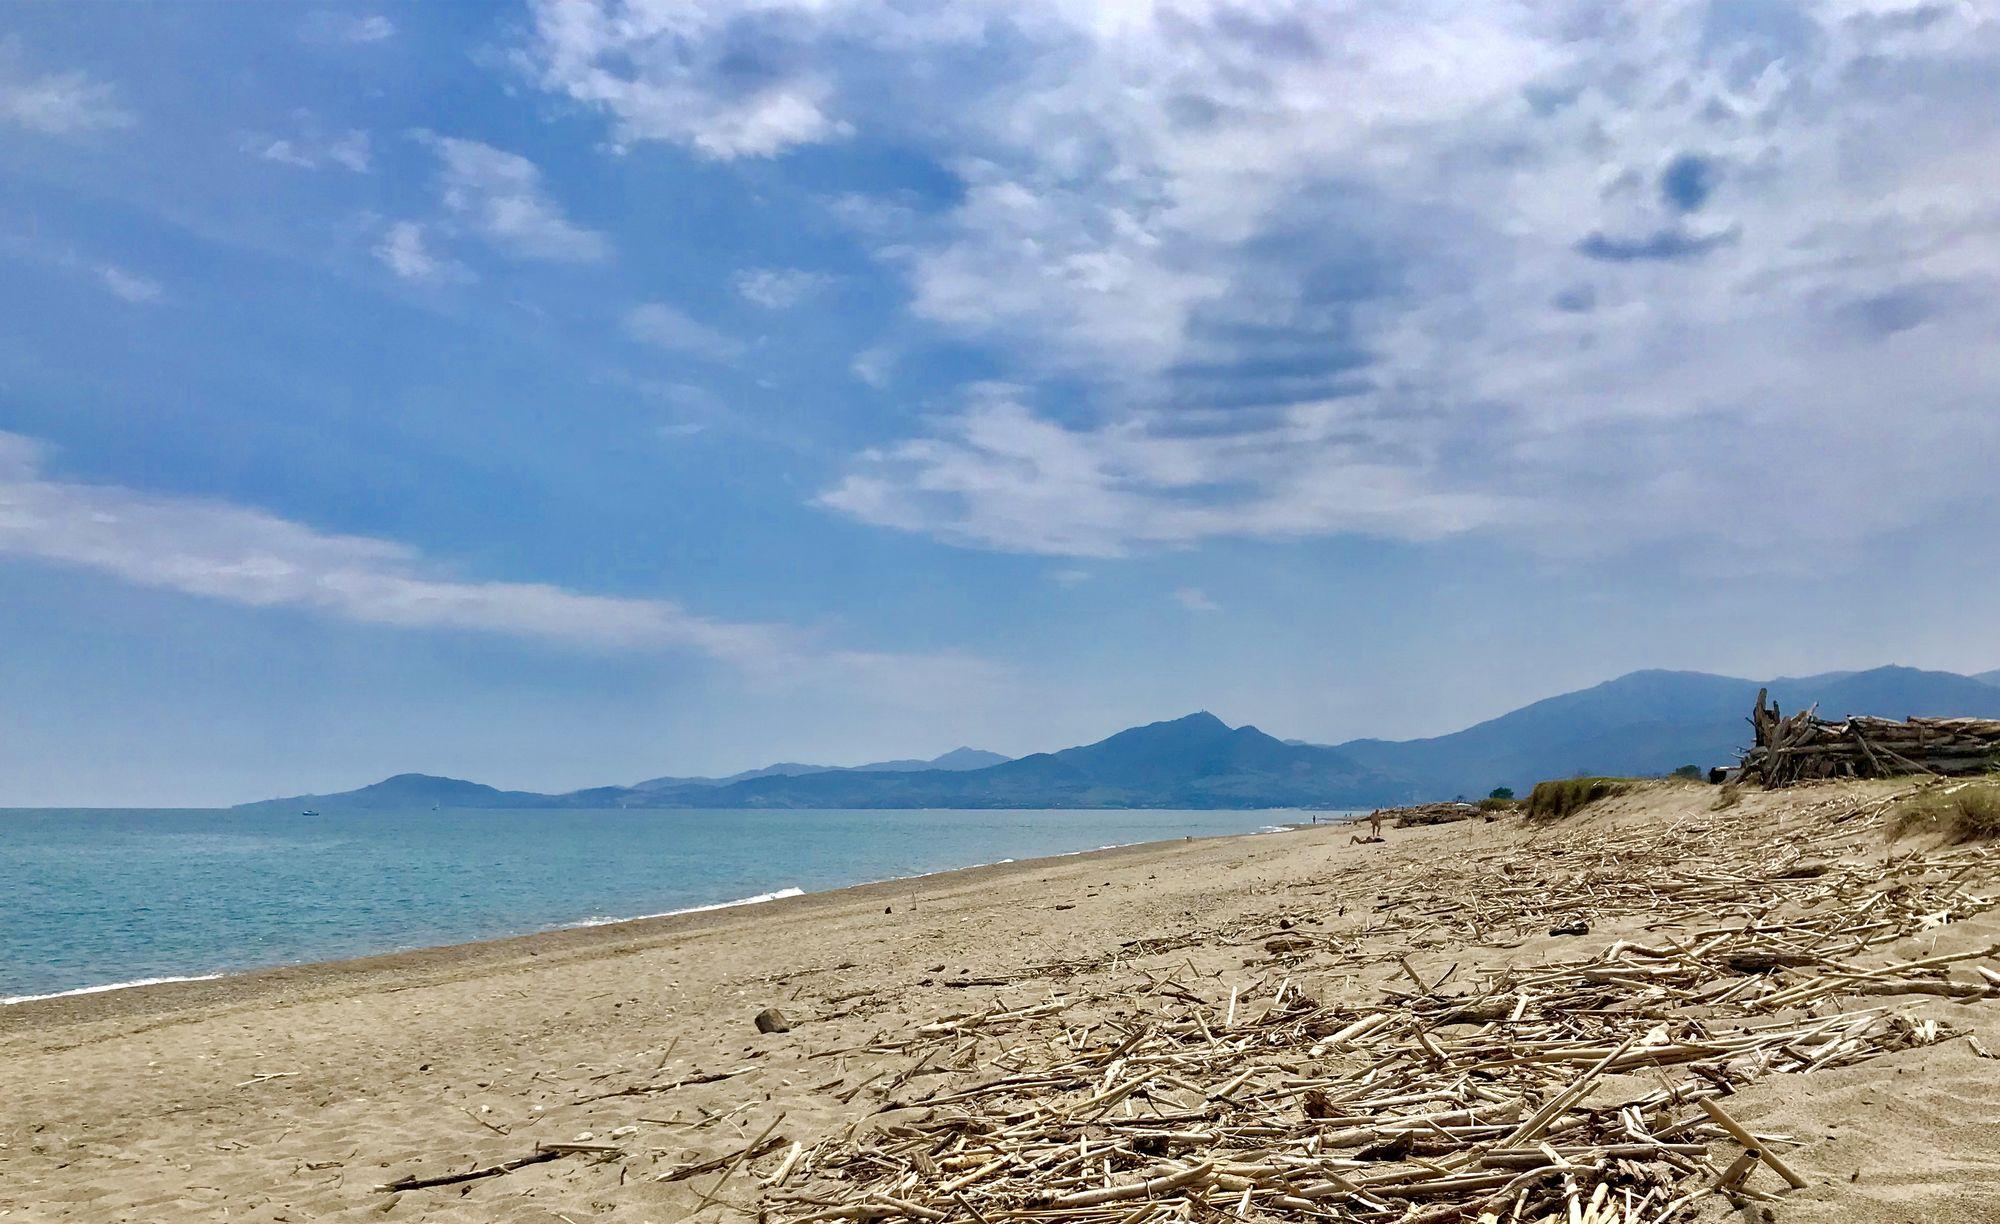 plage déserte sauvage proche perpignan argeles